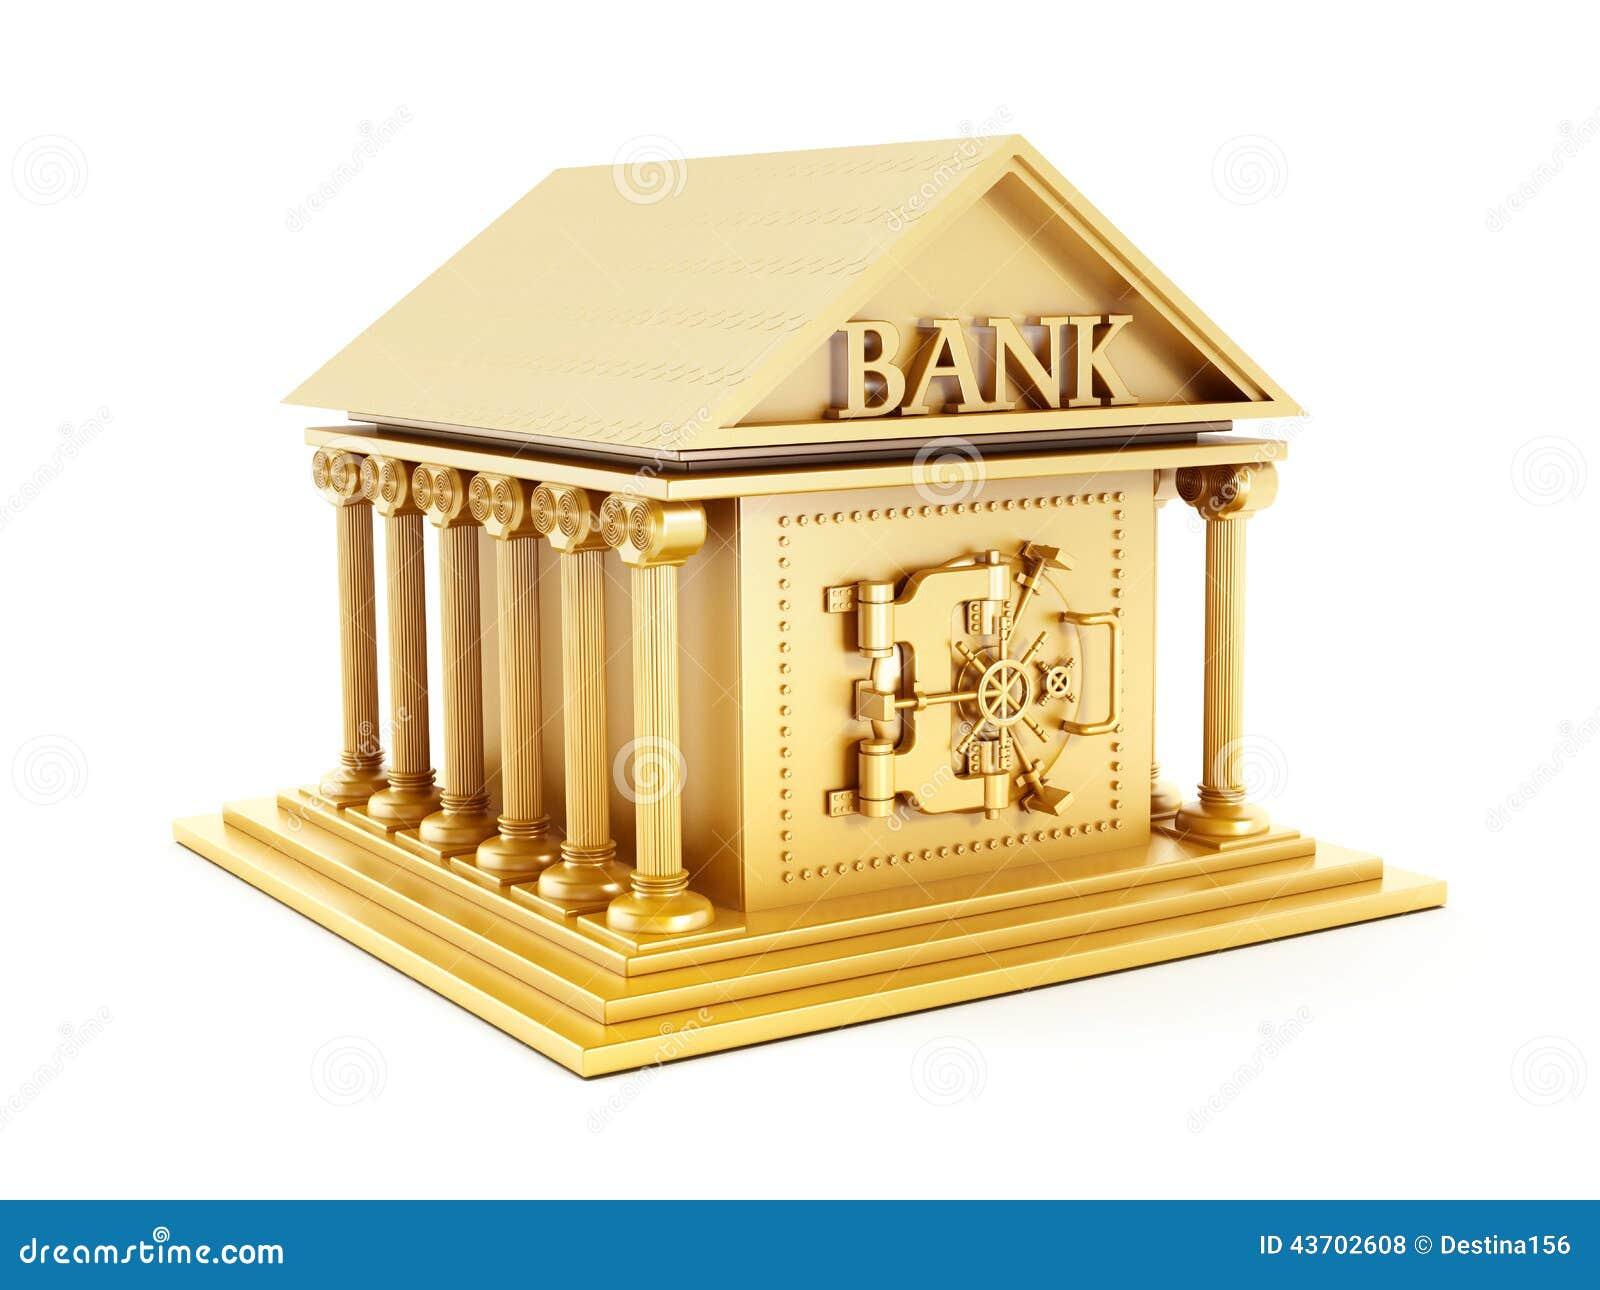 Golden bank building